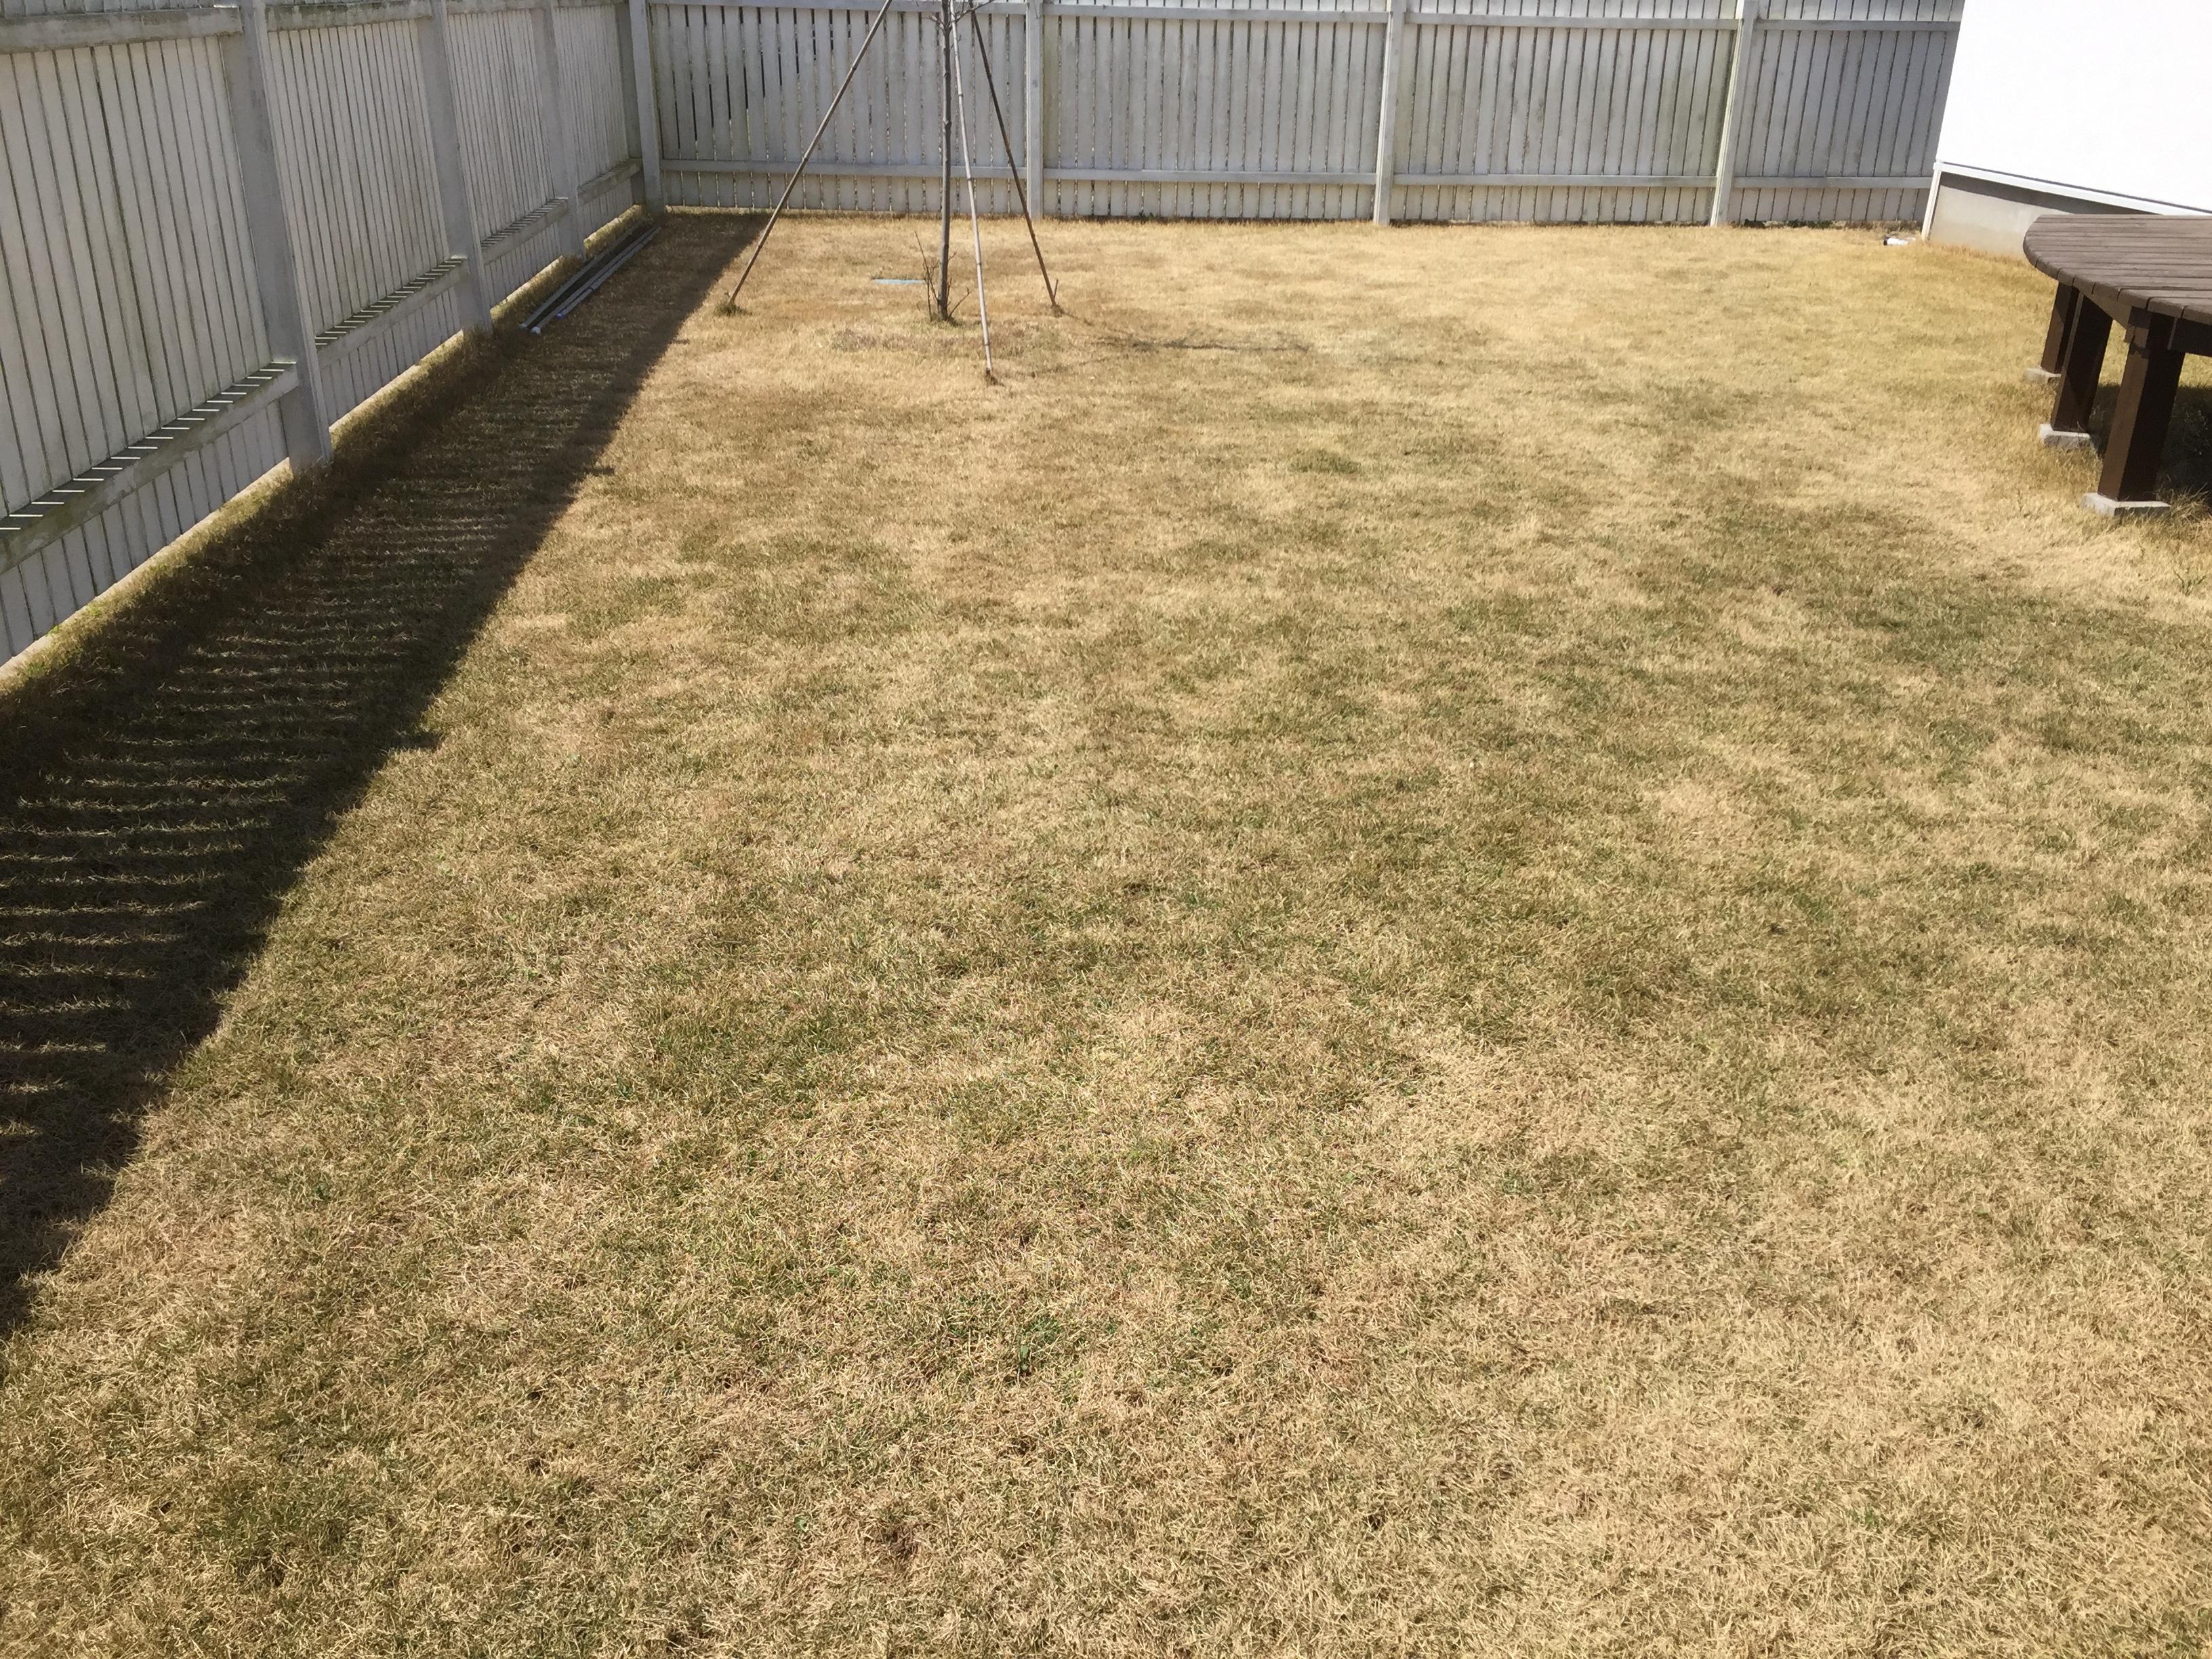 2019.04.05 芝生の状況